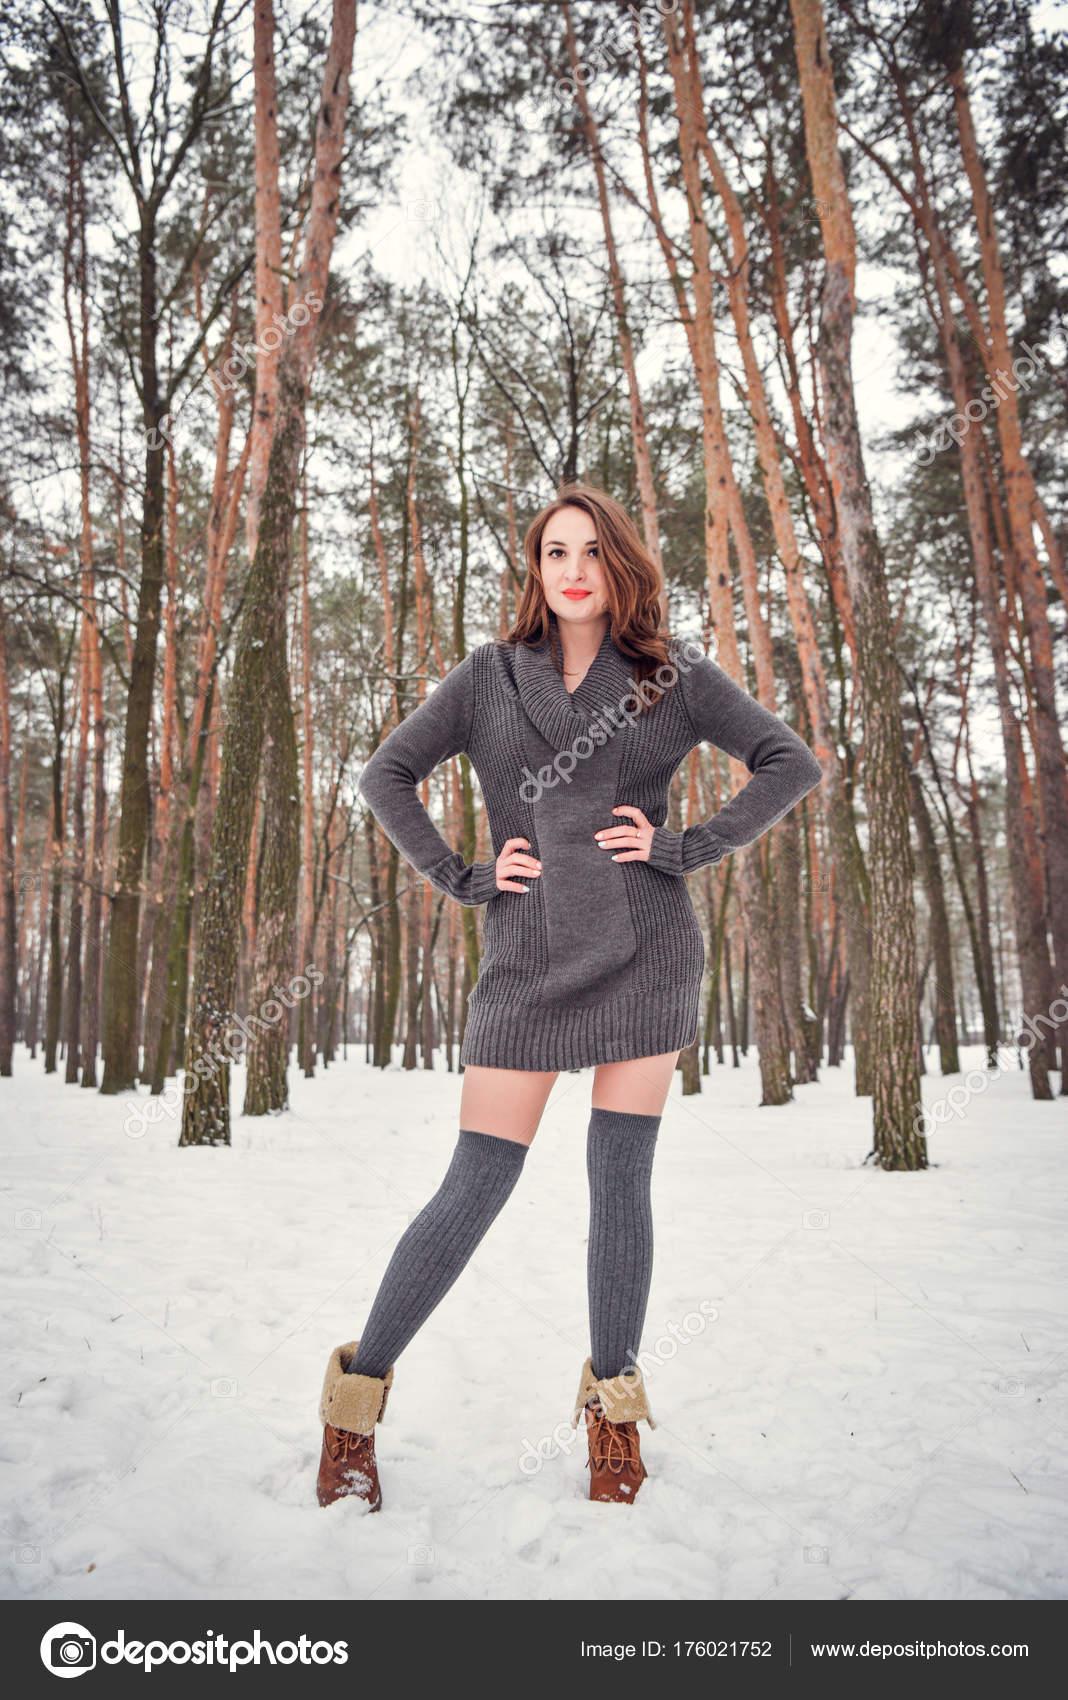 1c8c7e5dc1ad Zimní portrét šťastné krásné dívky s hnědými vlasy v lese zimní sníh. Žena  nosí vysoké ponožky pletené šedé svetr šaty a punčochy.